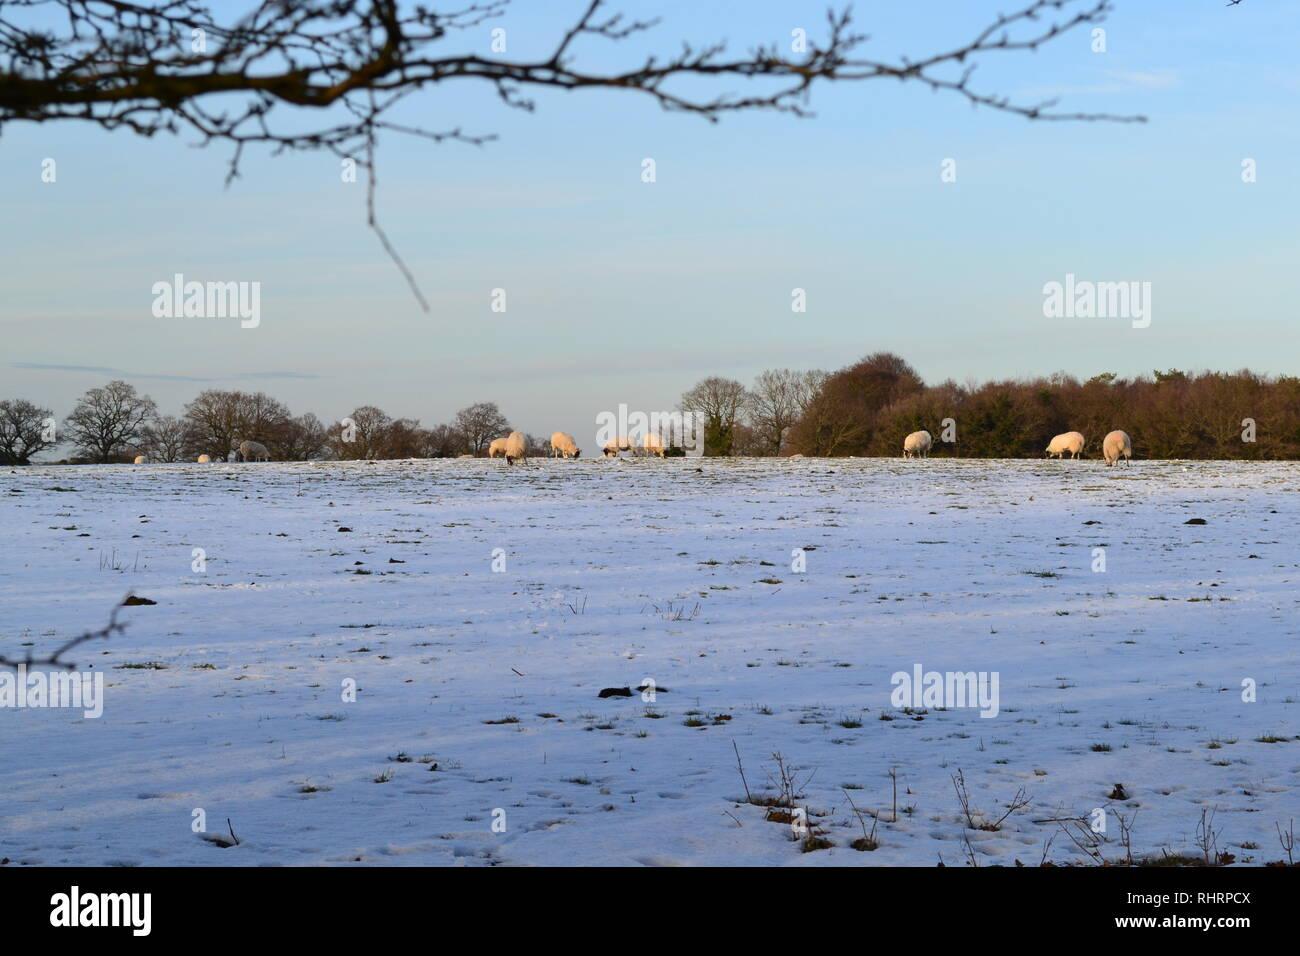 Schöne weiche Winter fällt Licht auf Schafe weiden in Bereichen hoch in den North Downs, auf dem Gipfel des Fackenden, Shoreham, Kent, England Stockfoto